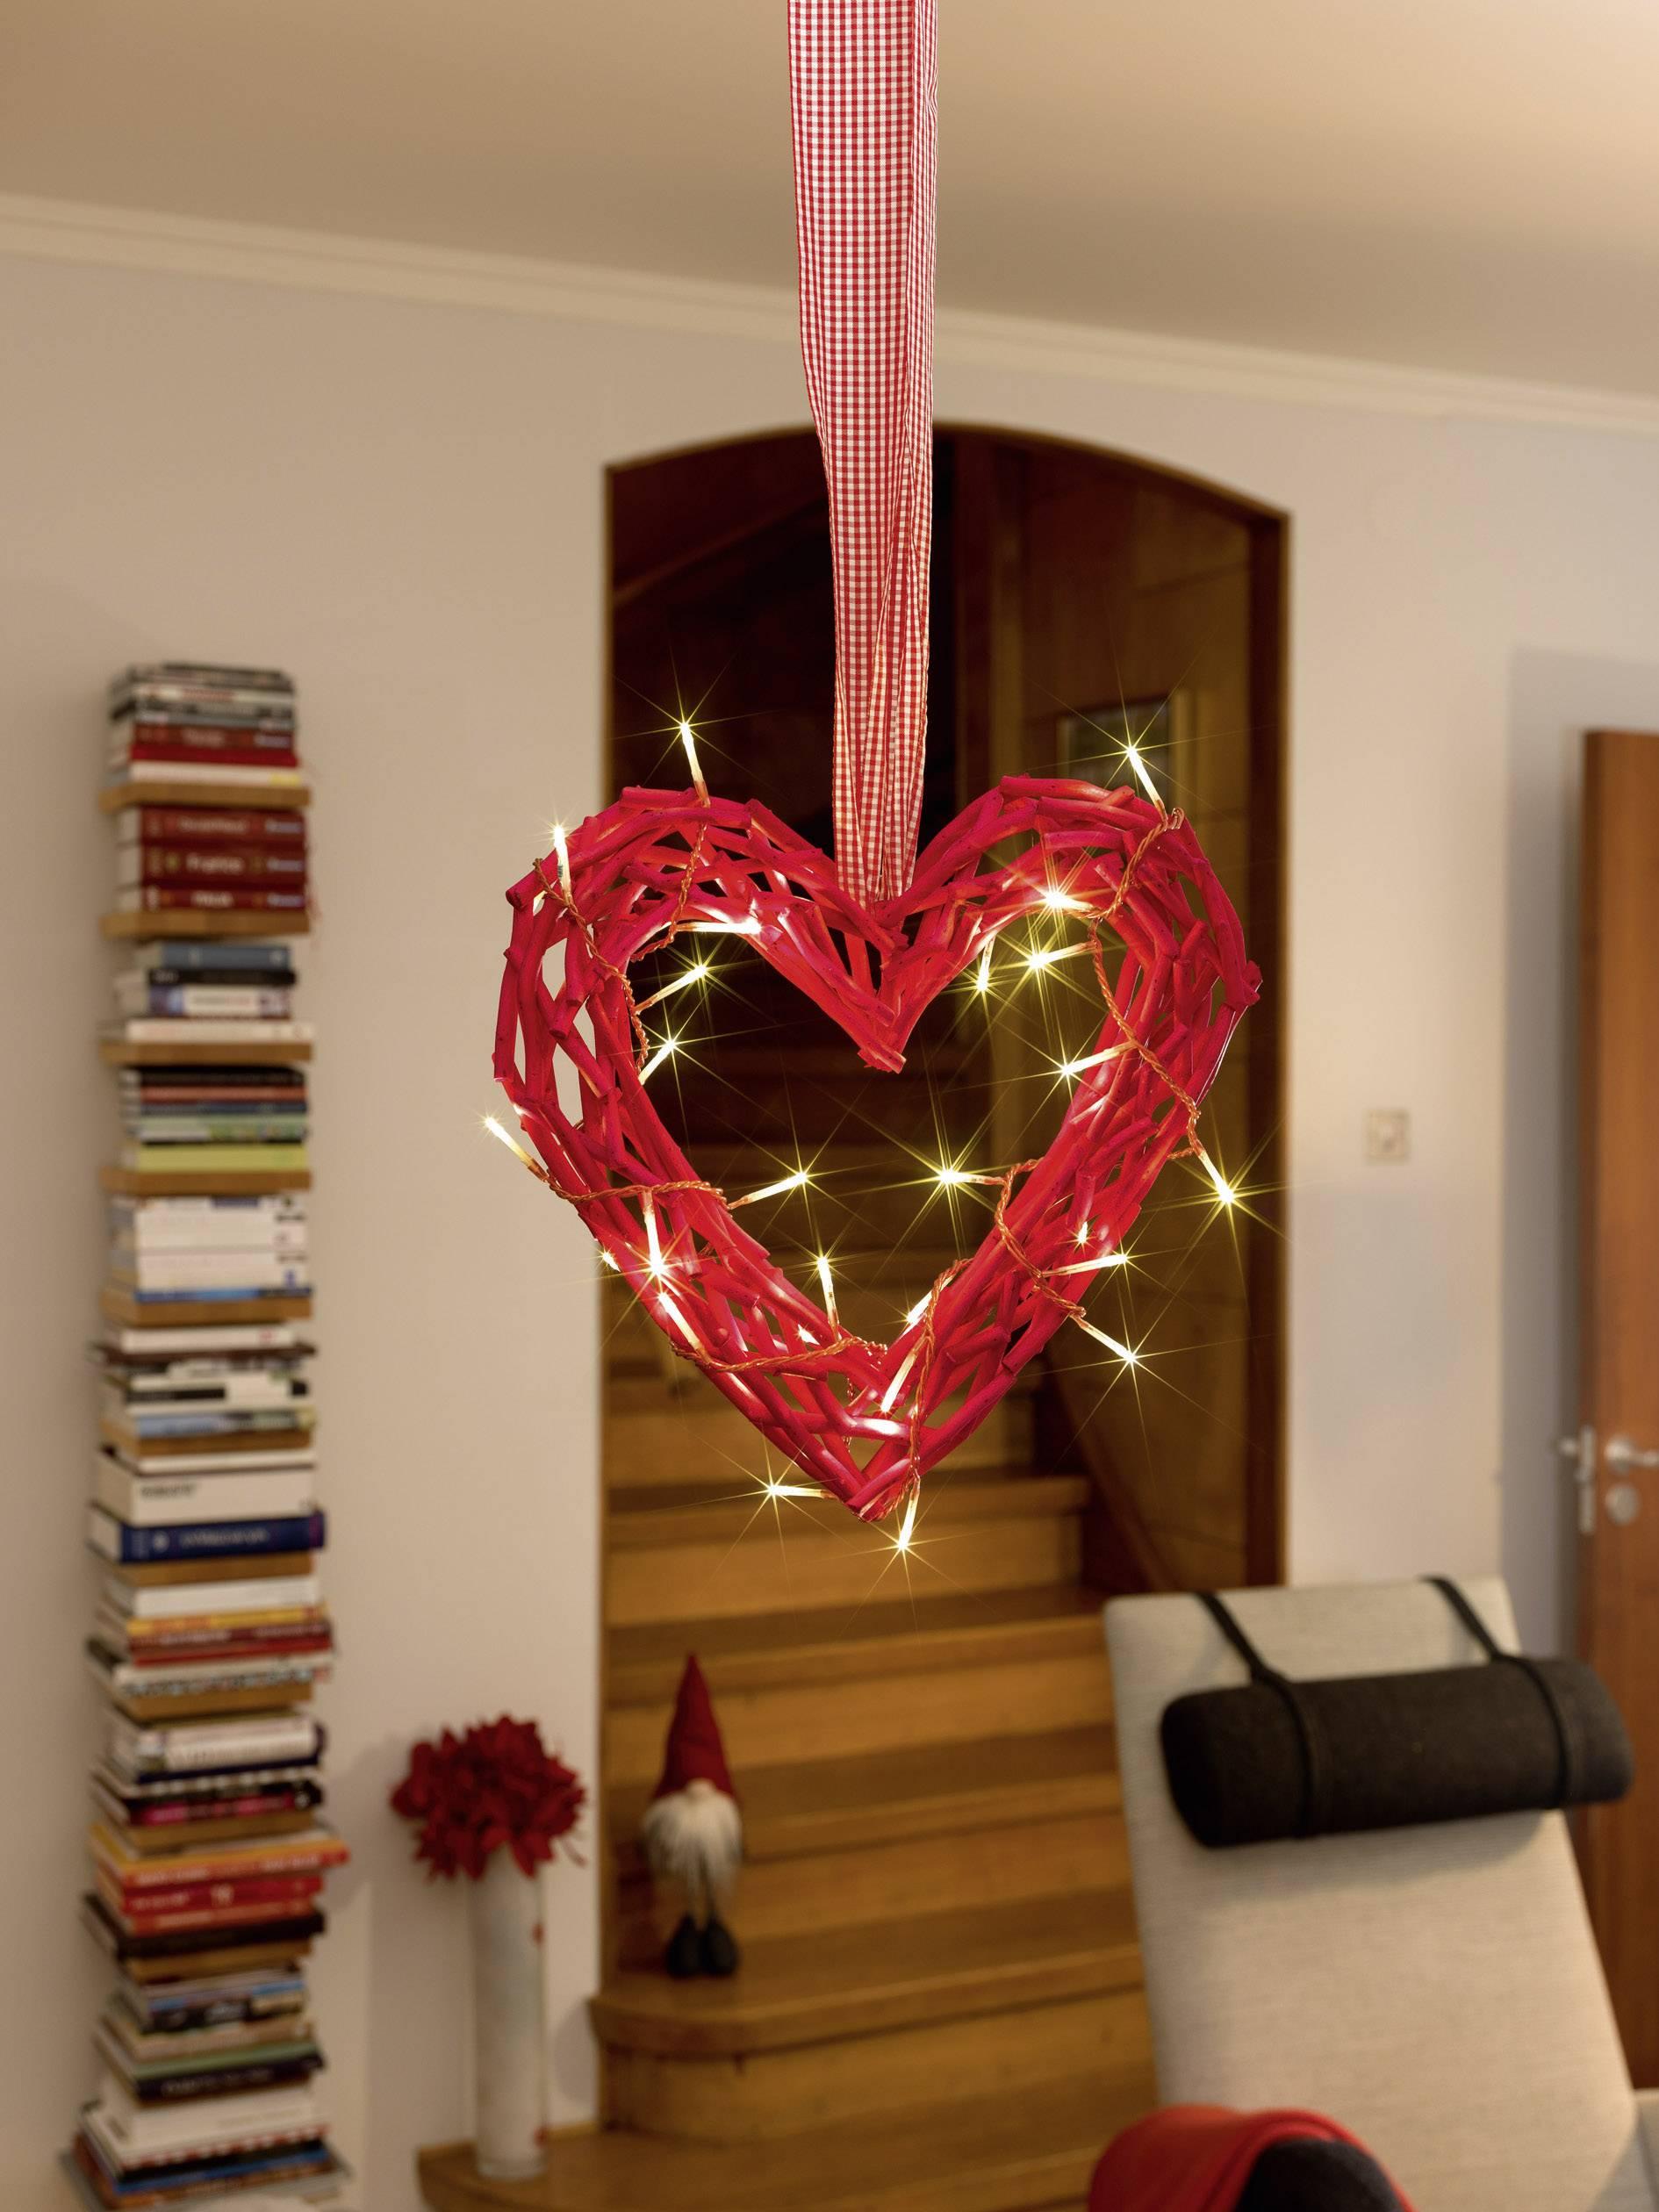 Srdce LED obraz Konstsmide 6217-550, červená